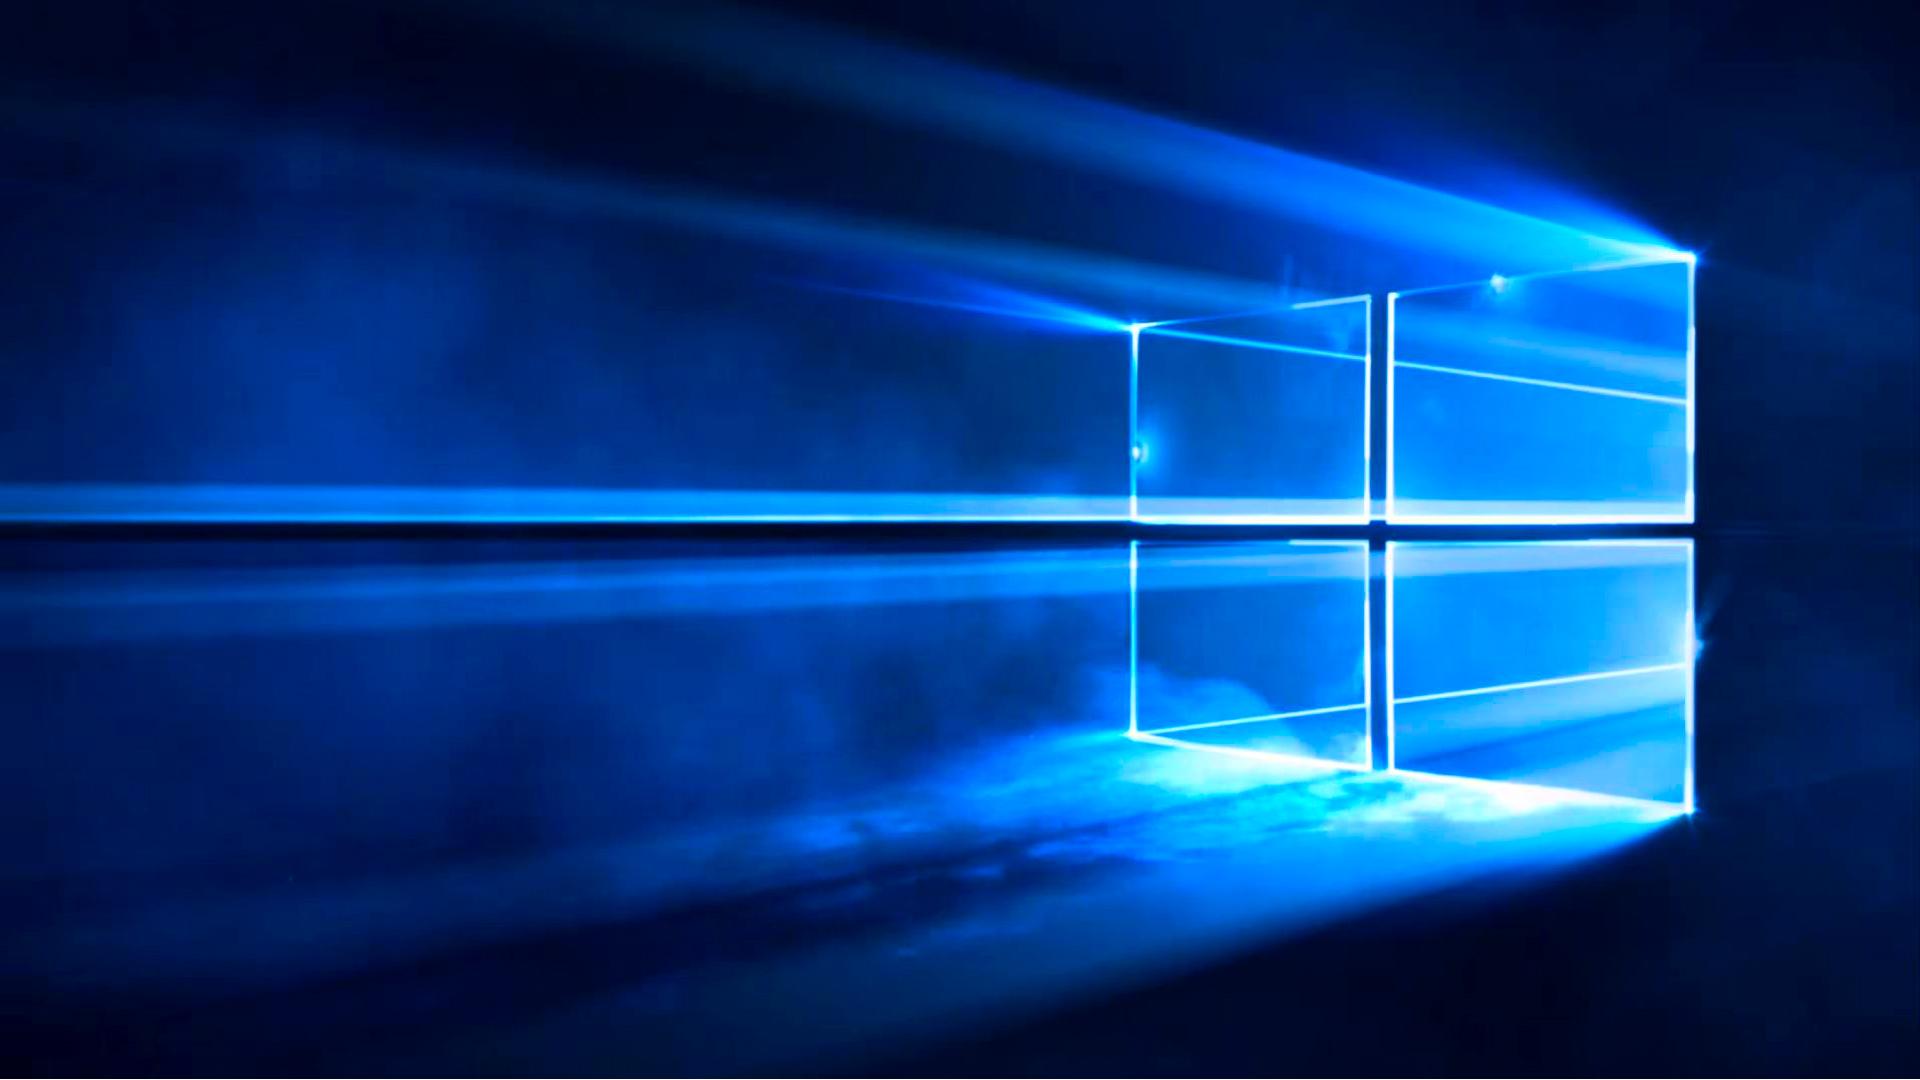 Windows 10 Hero Wallpaper 4K - WallpaperSafari